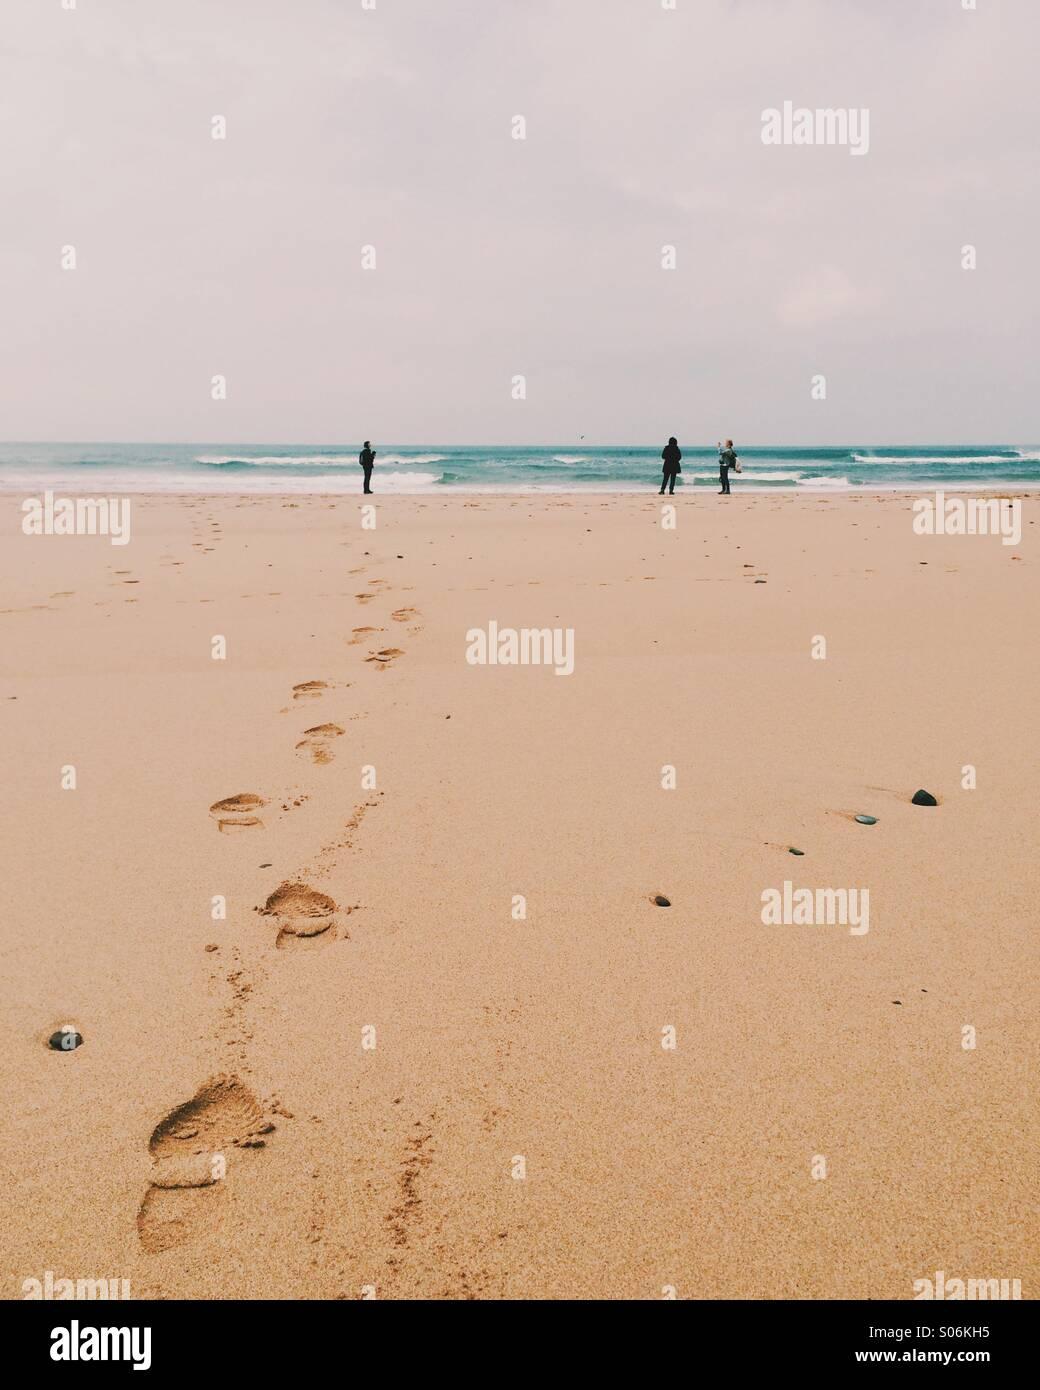 Tre persone su una spiaggia Immagini Stock